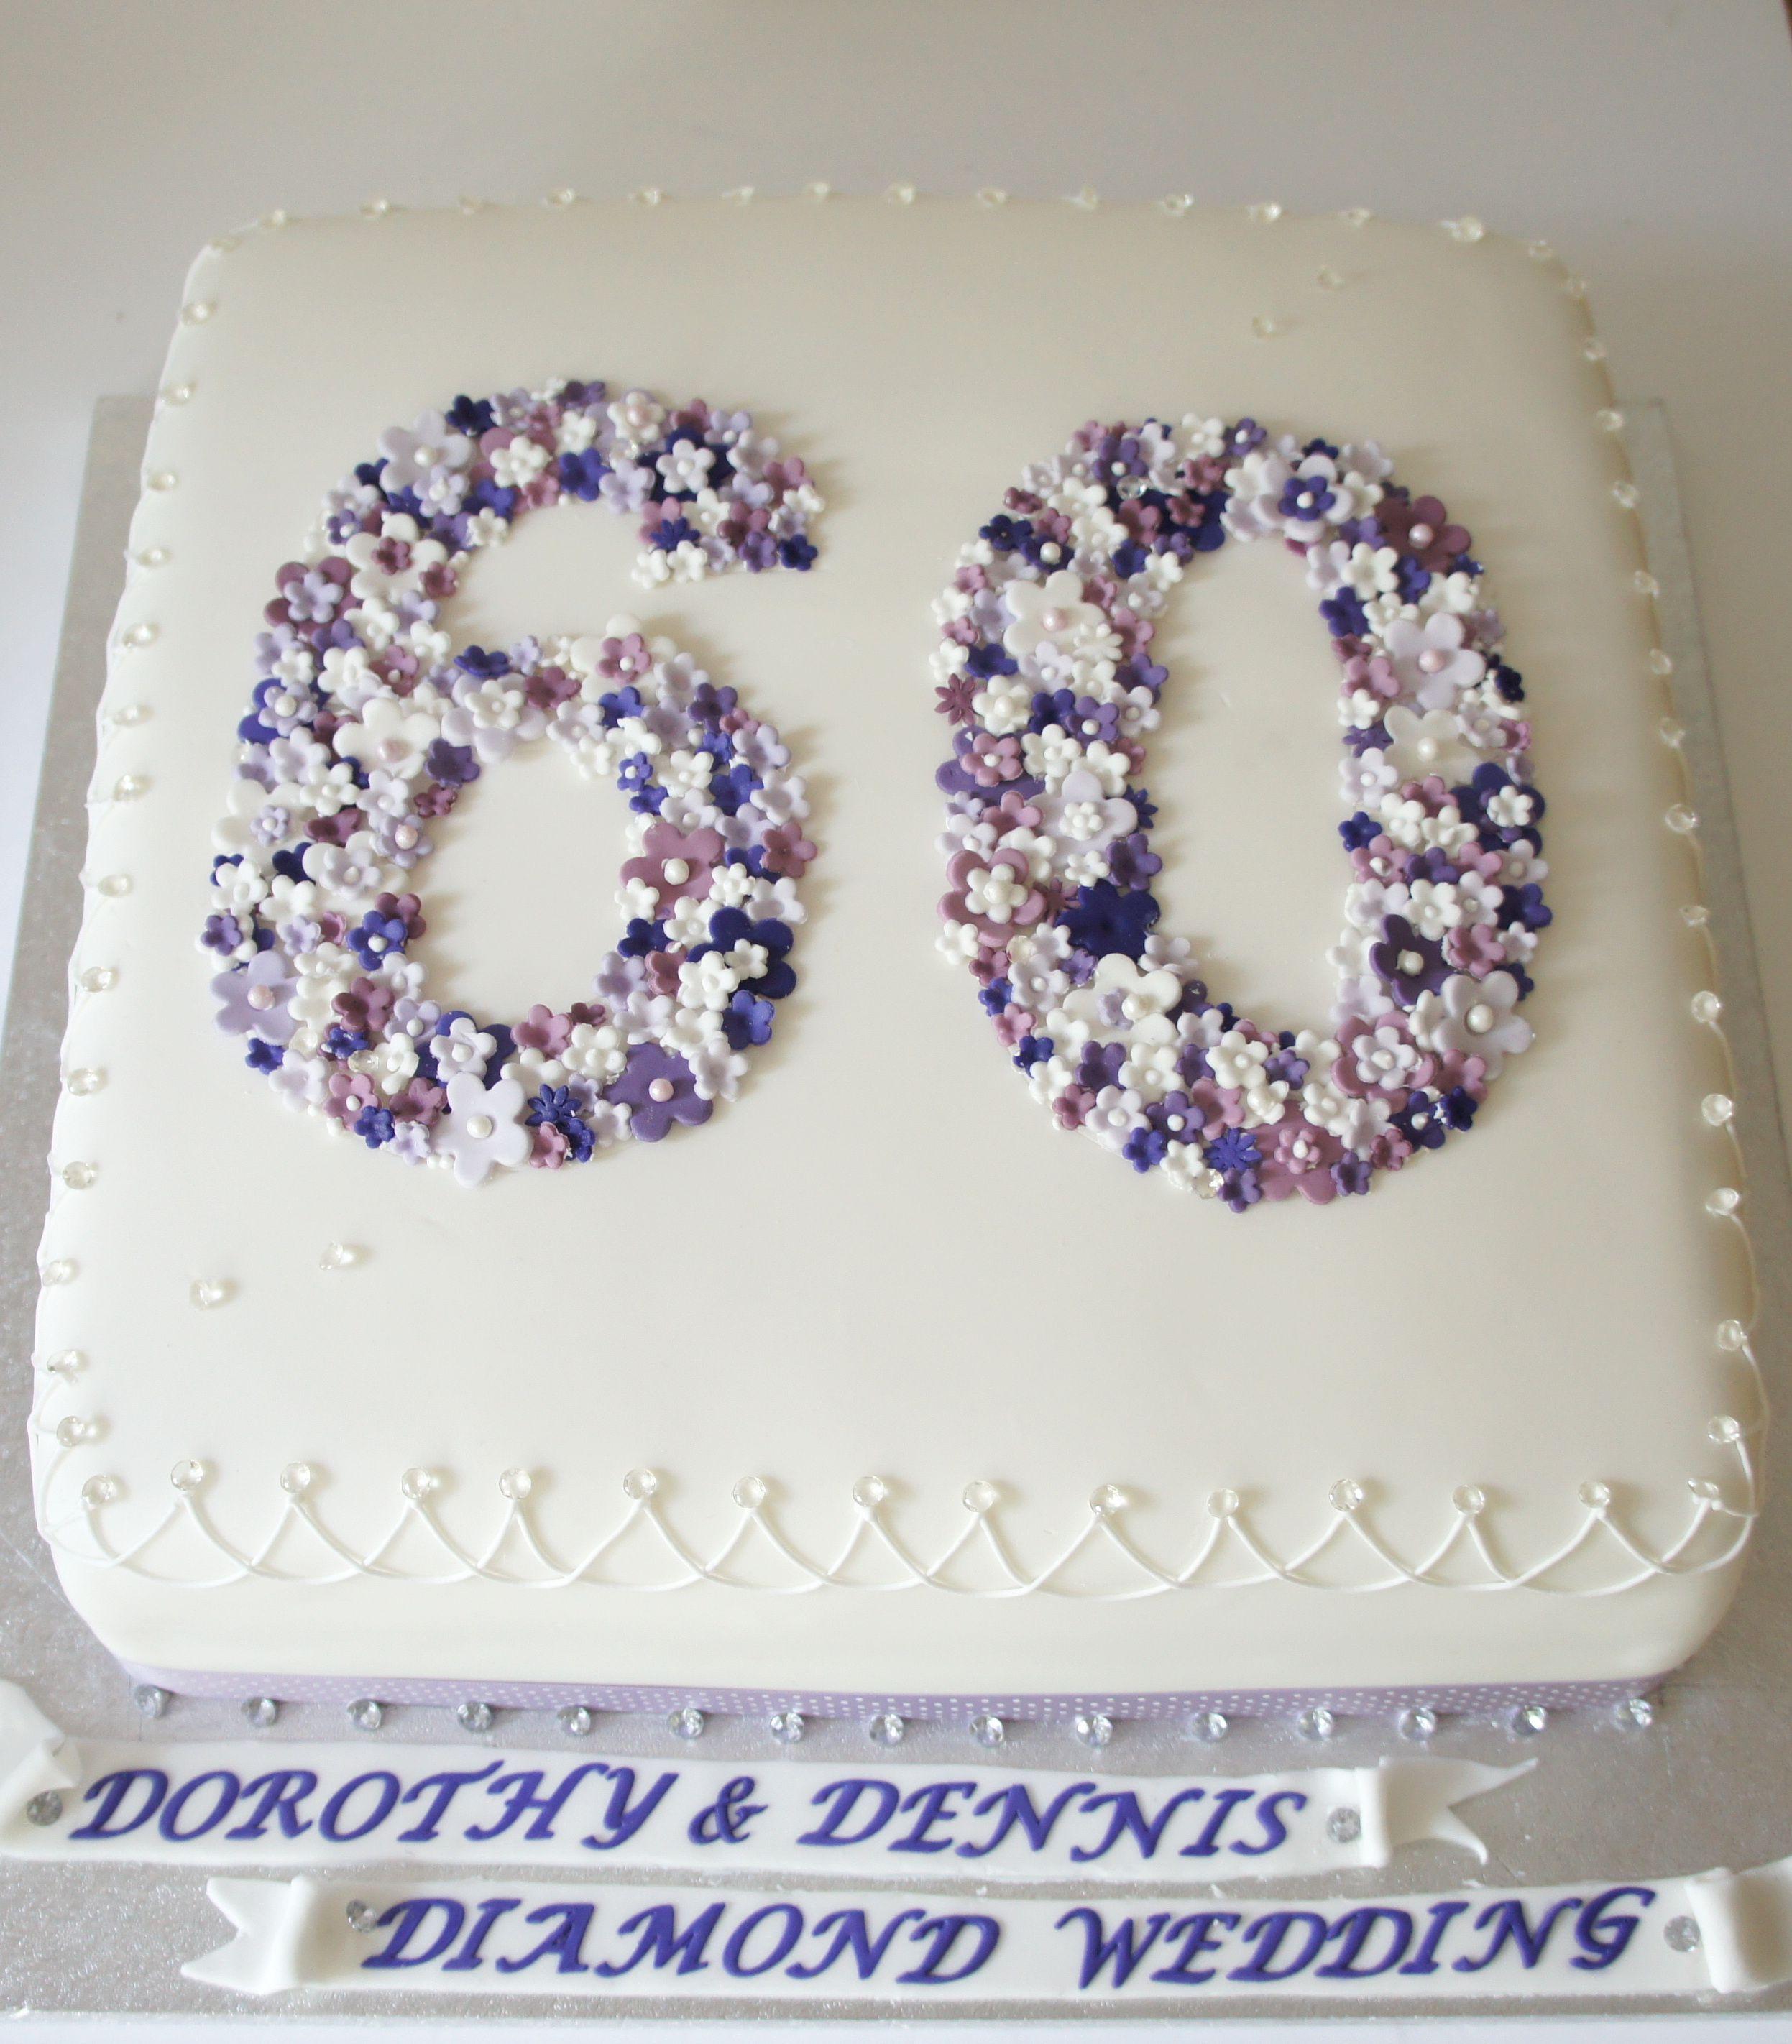 Diamond wedding anniversary cake from jojo th bday